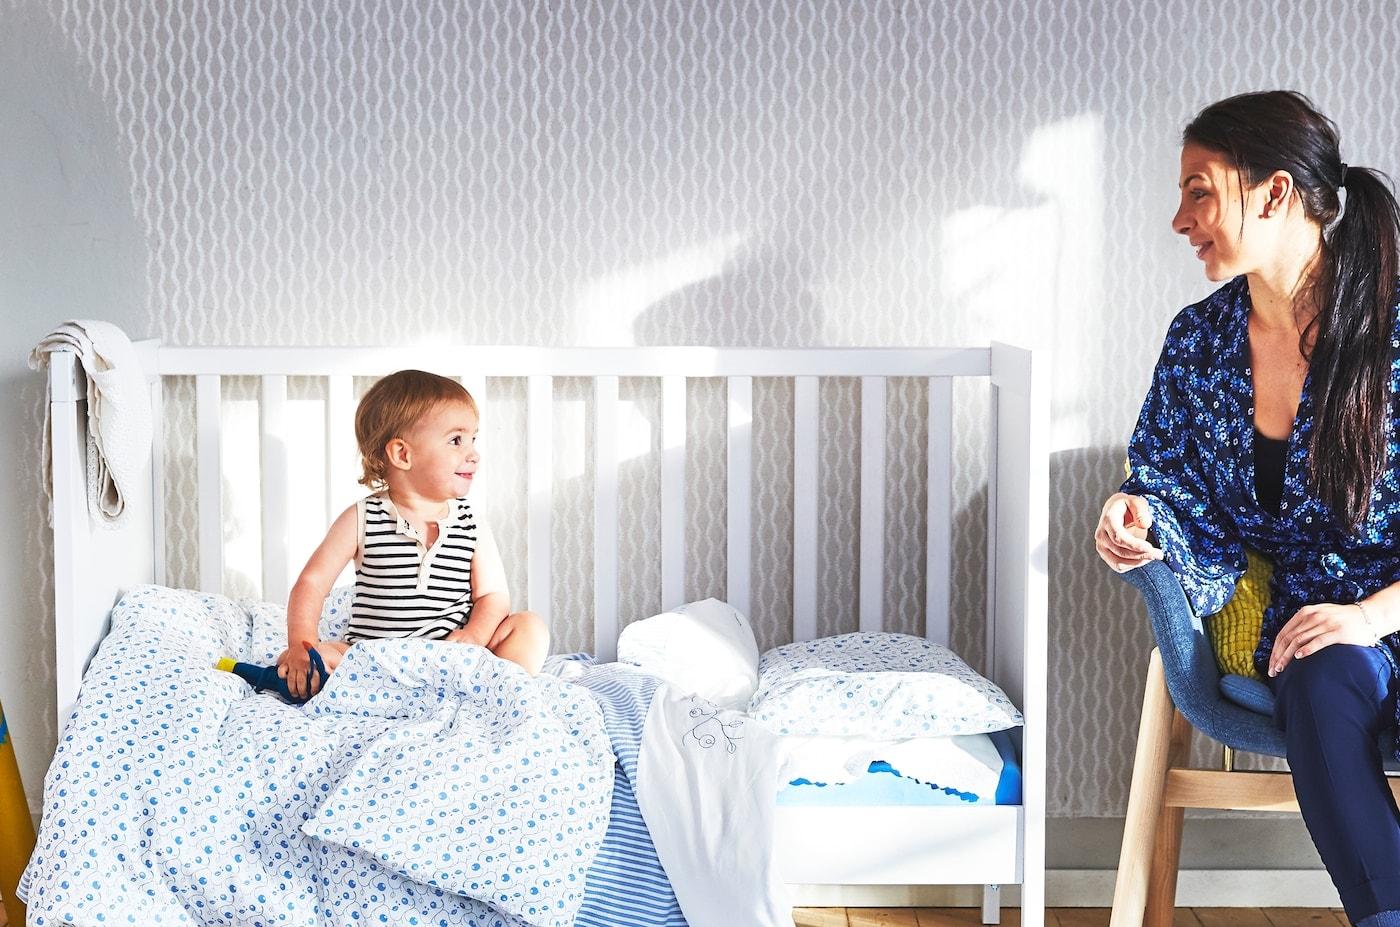 Une mère, assise sur une chaise en bois, et son bébé, assis dans un lit à barreaux blanc ouvert sur un côté et couvert de textiles à motifs bleus, seregardent.